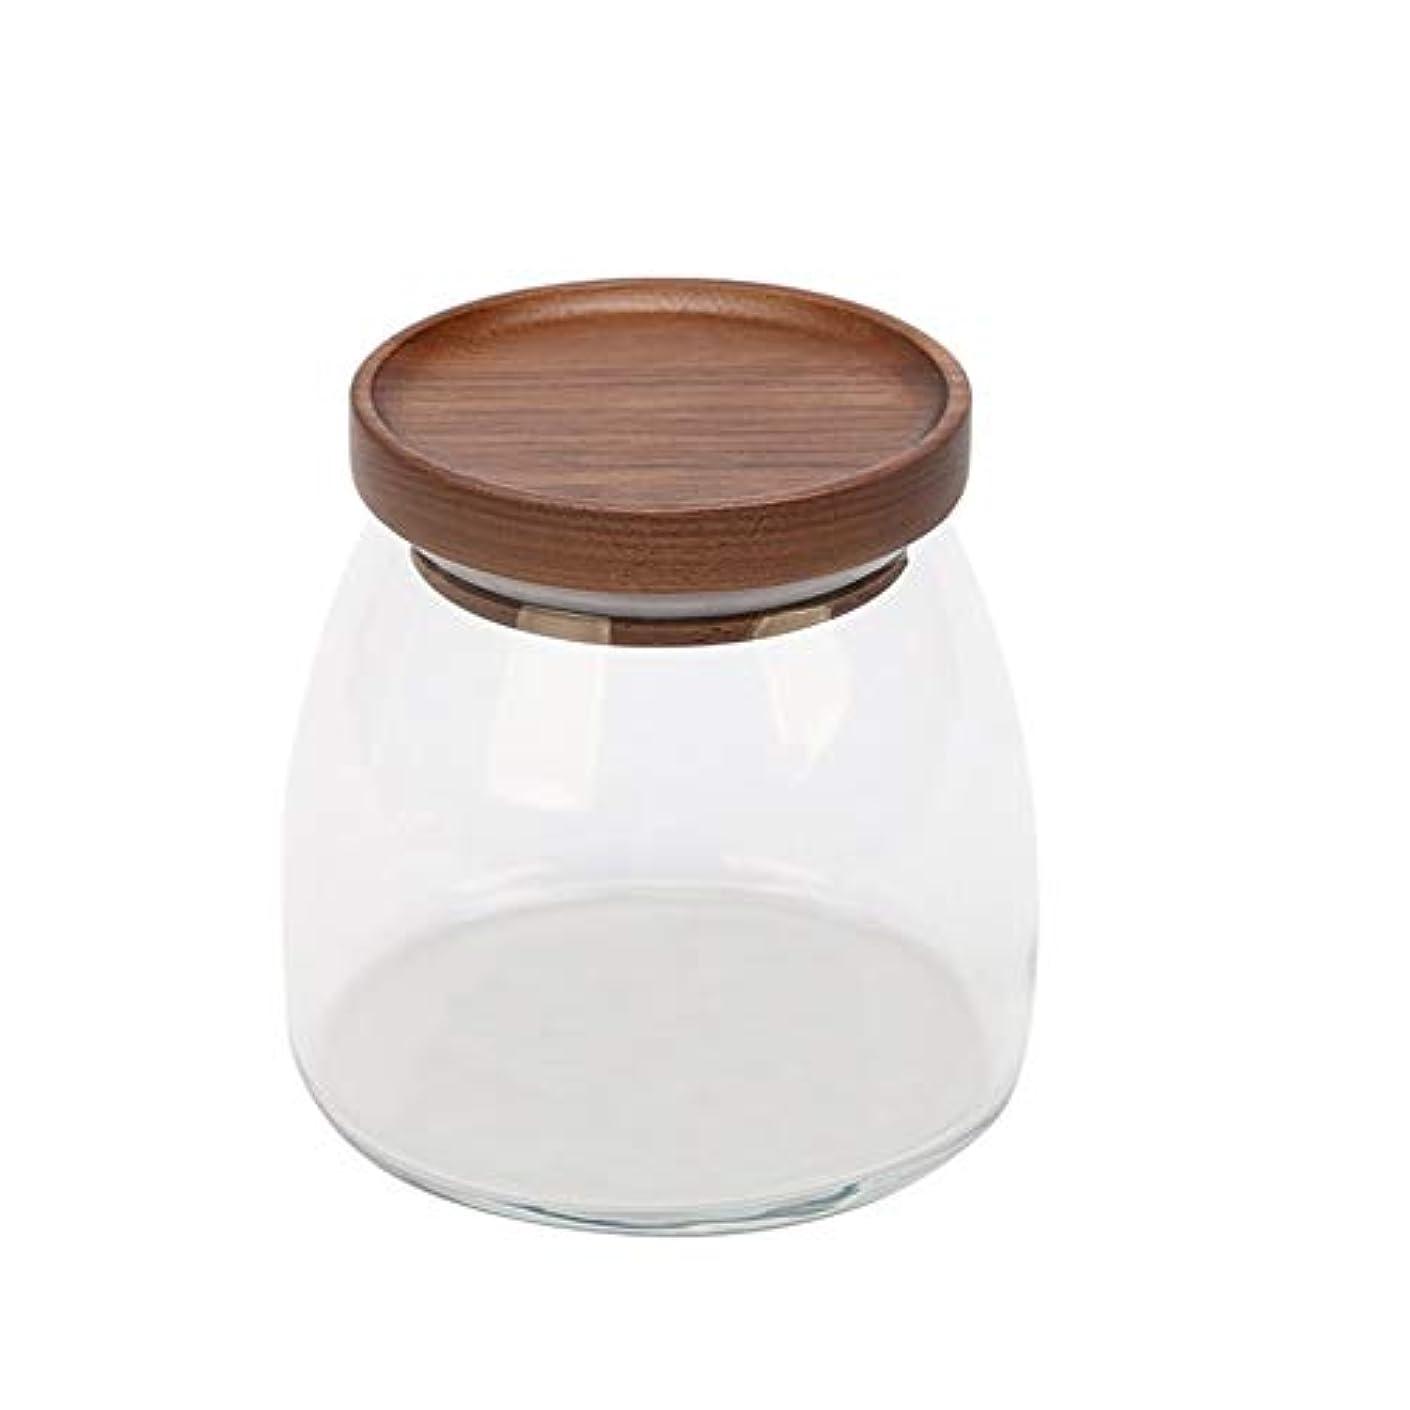 塗抹水に変わる貯蔵タンク、透明ガラス貯蔵タンク、家庭用食品、茶瓶